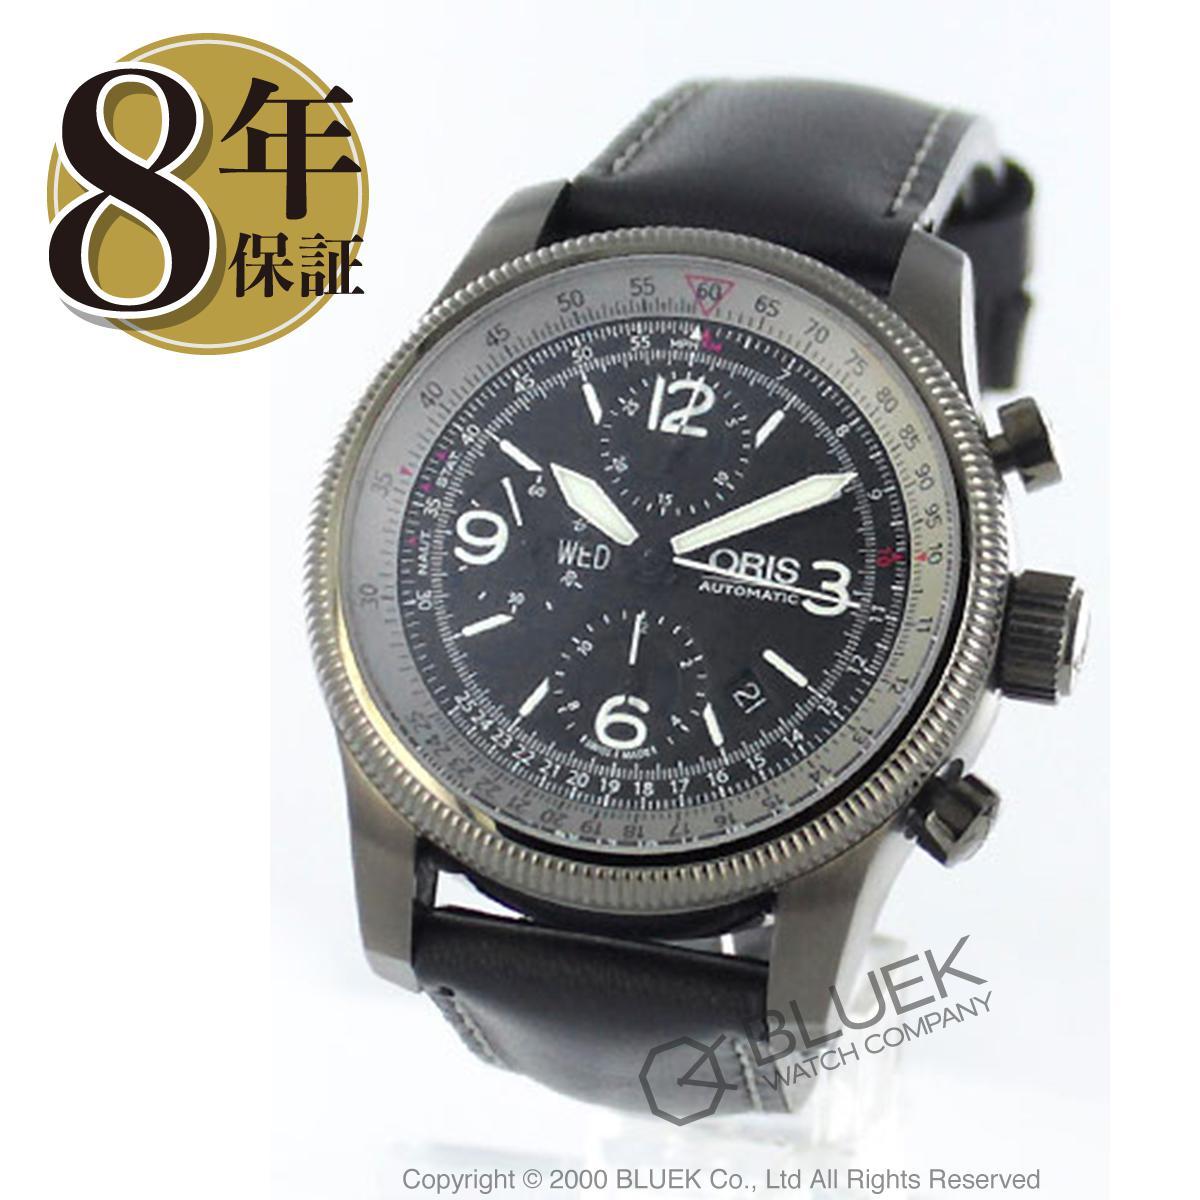 【6,000円OFFクーポン対象】オリス ビッグクラウン クロノグラフ 腕時計 メンズ ORIS 675 7648 4264_8